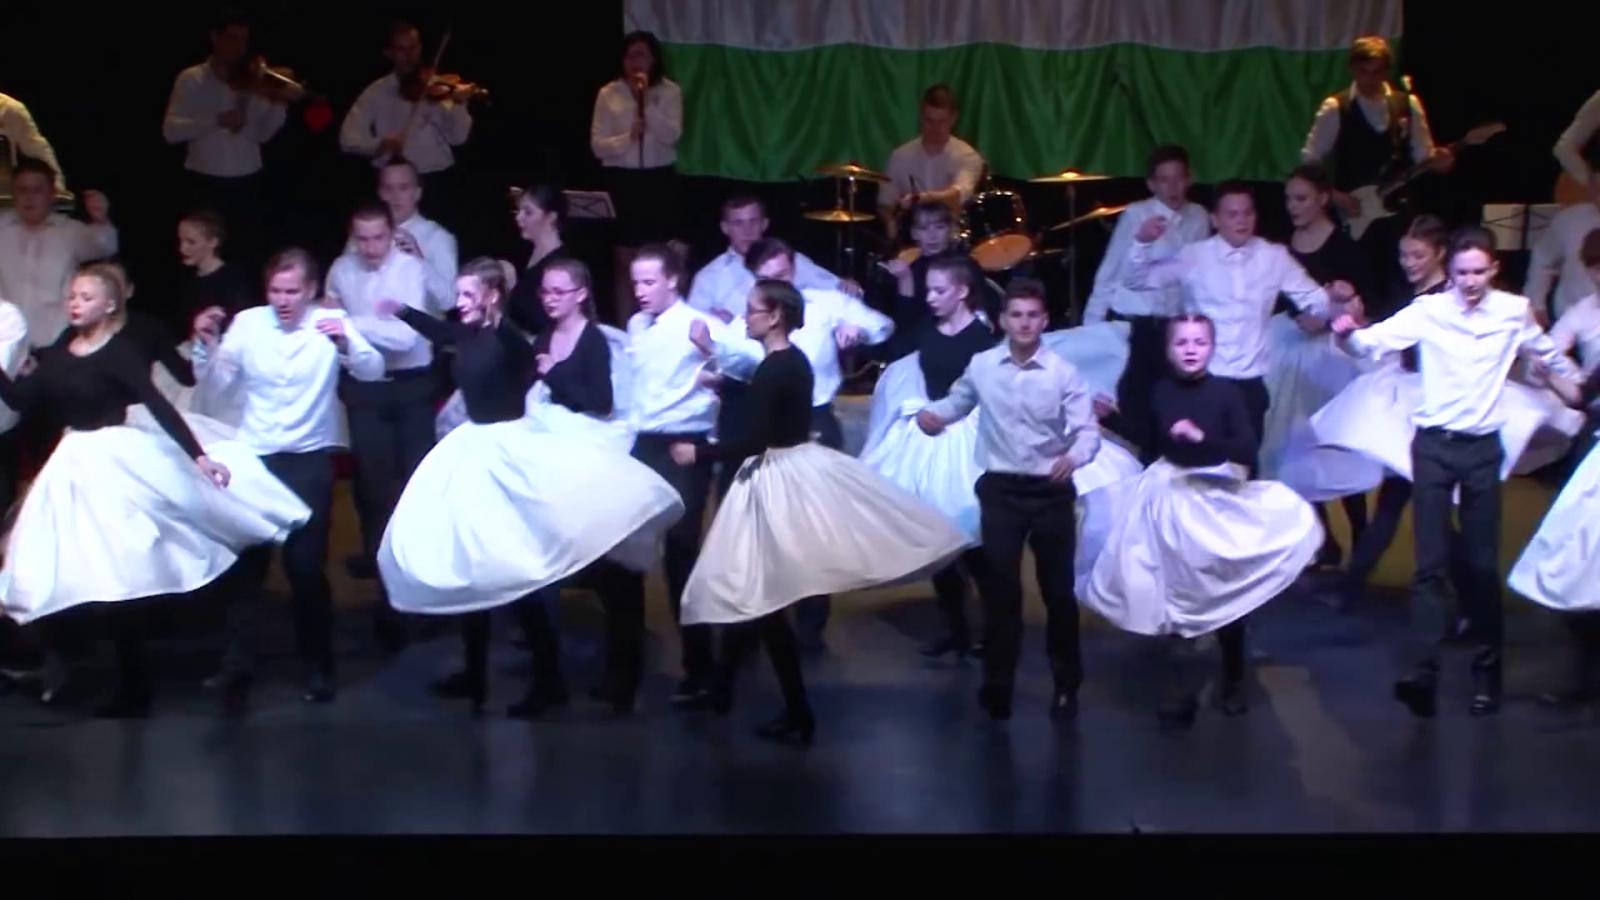 Zúg Március, az Ezüstperje nagysikerű táncelőadása